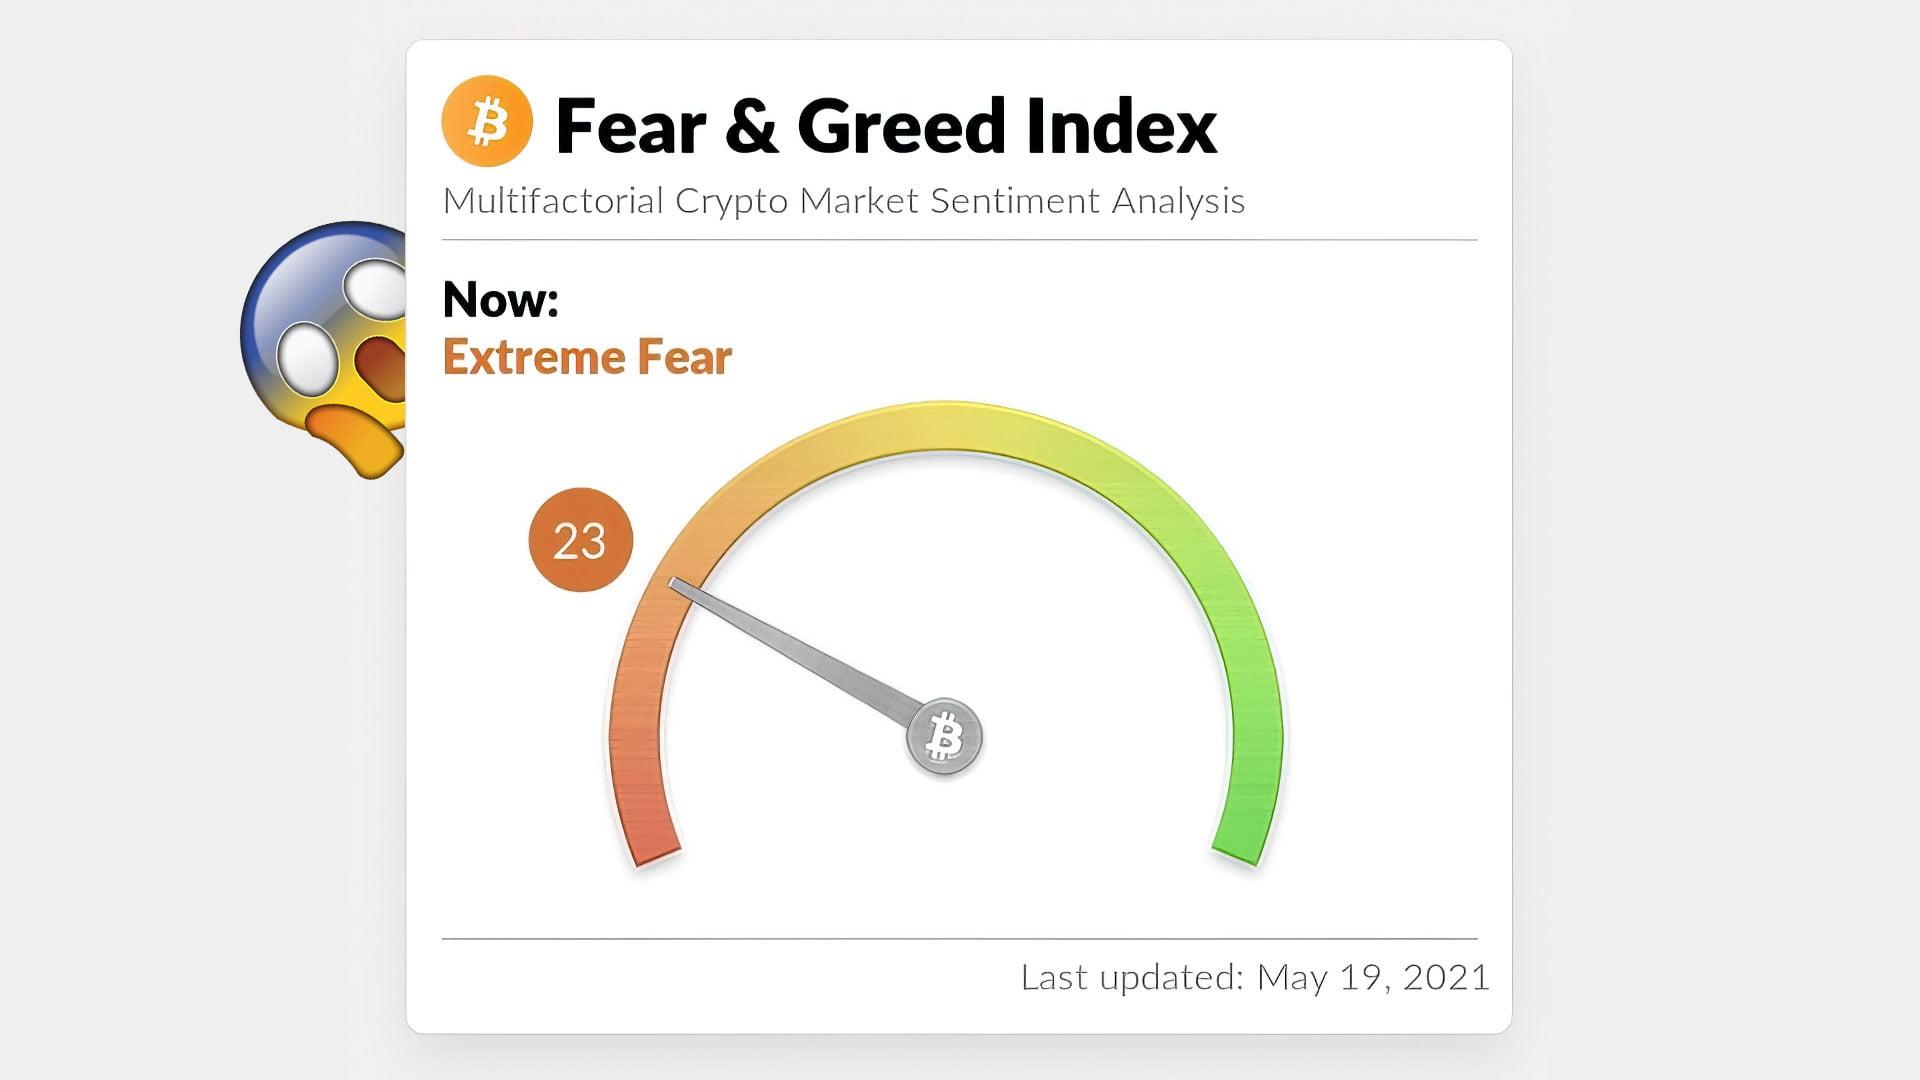 На фоне падения биткоин-рынка индикатор настроений показывает «экстремальный страх»